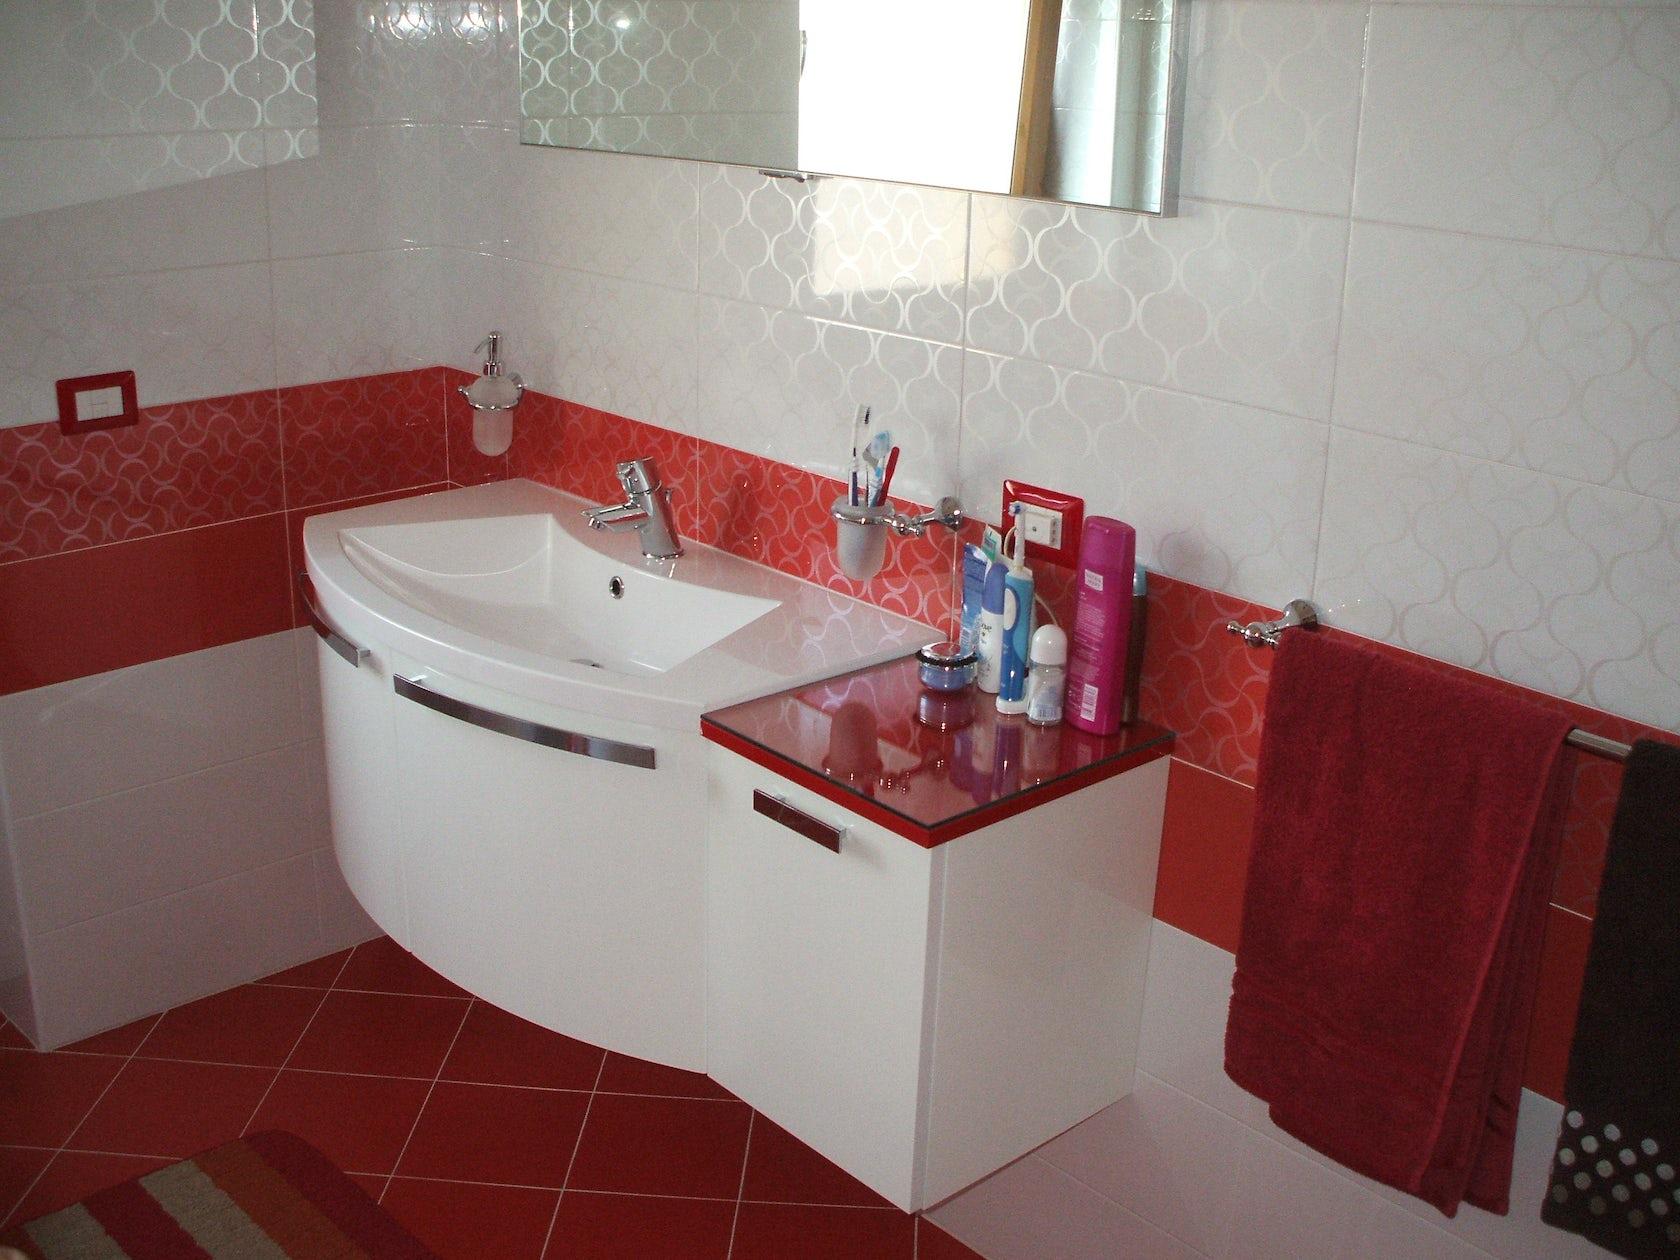 Bagno rosso e bianco architizer - Arredo bagno rosso ...